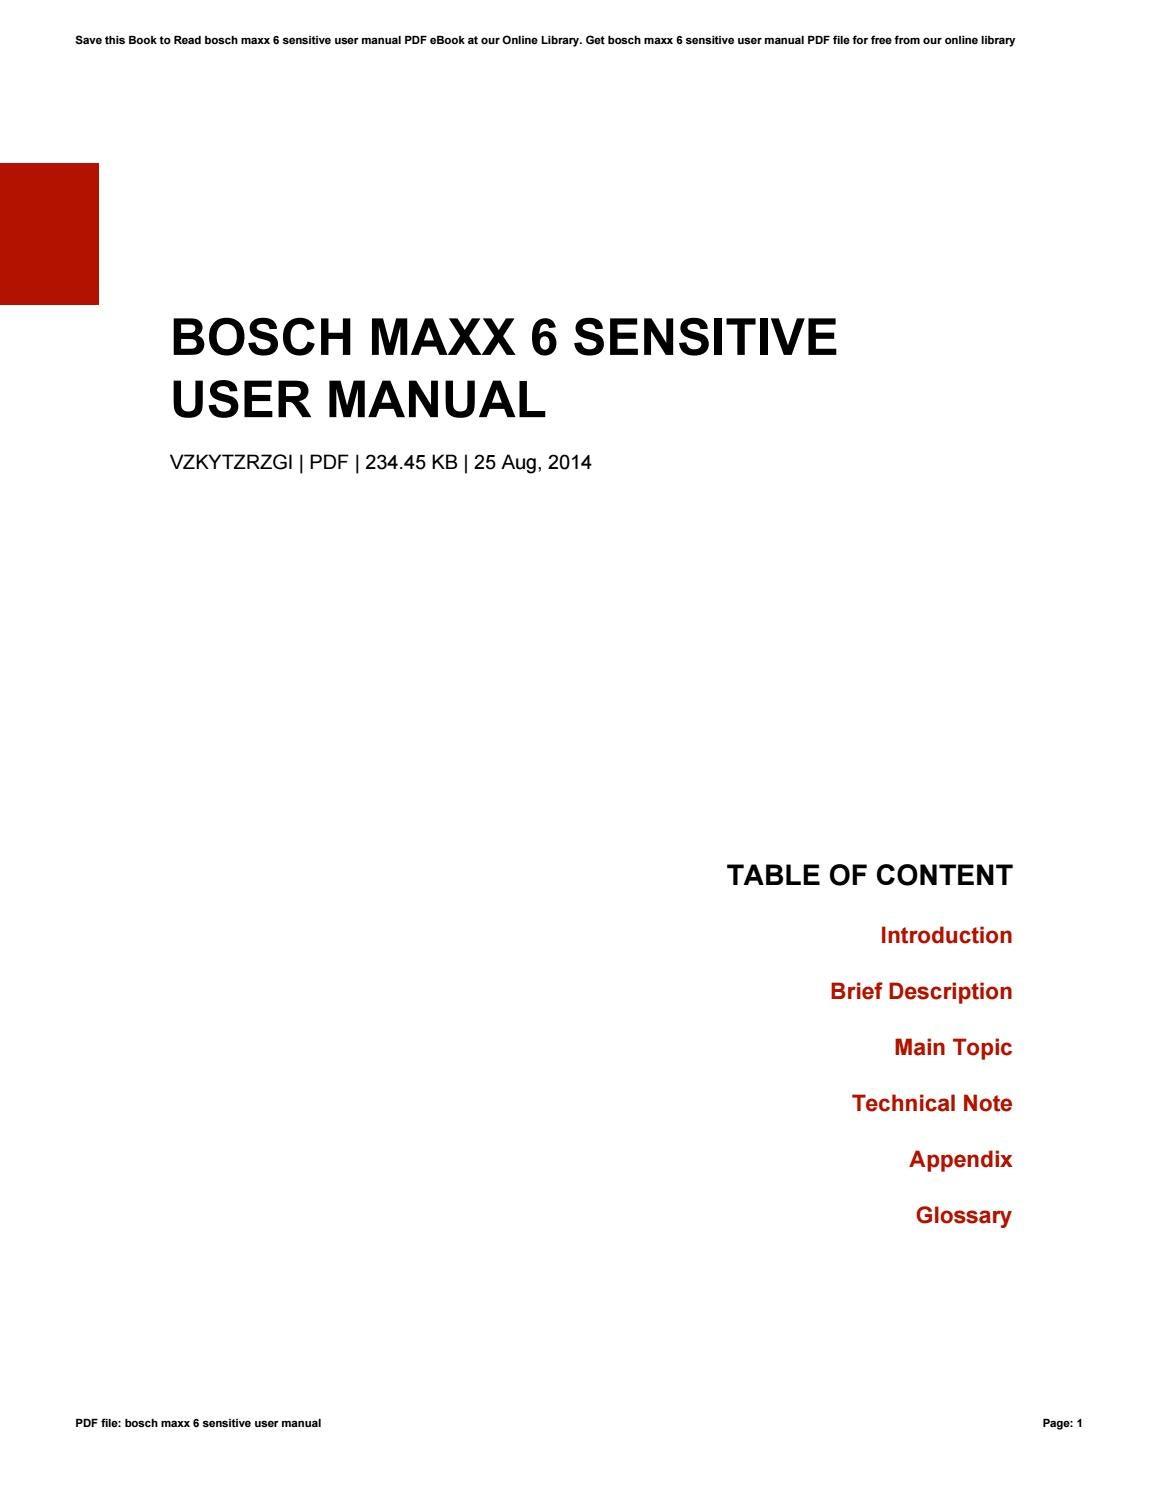 manual for bosch model shxm65w55n